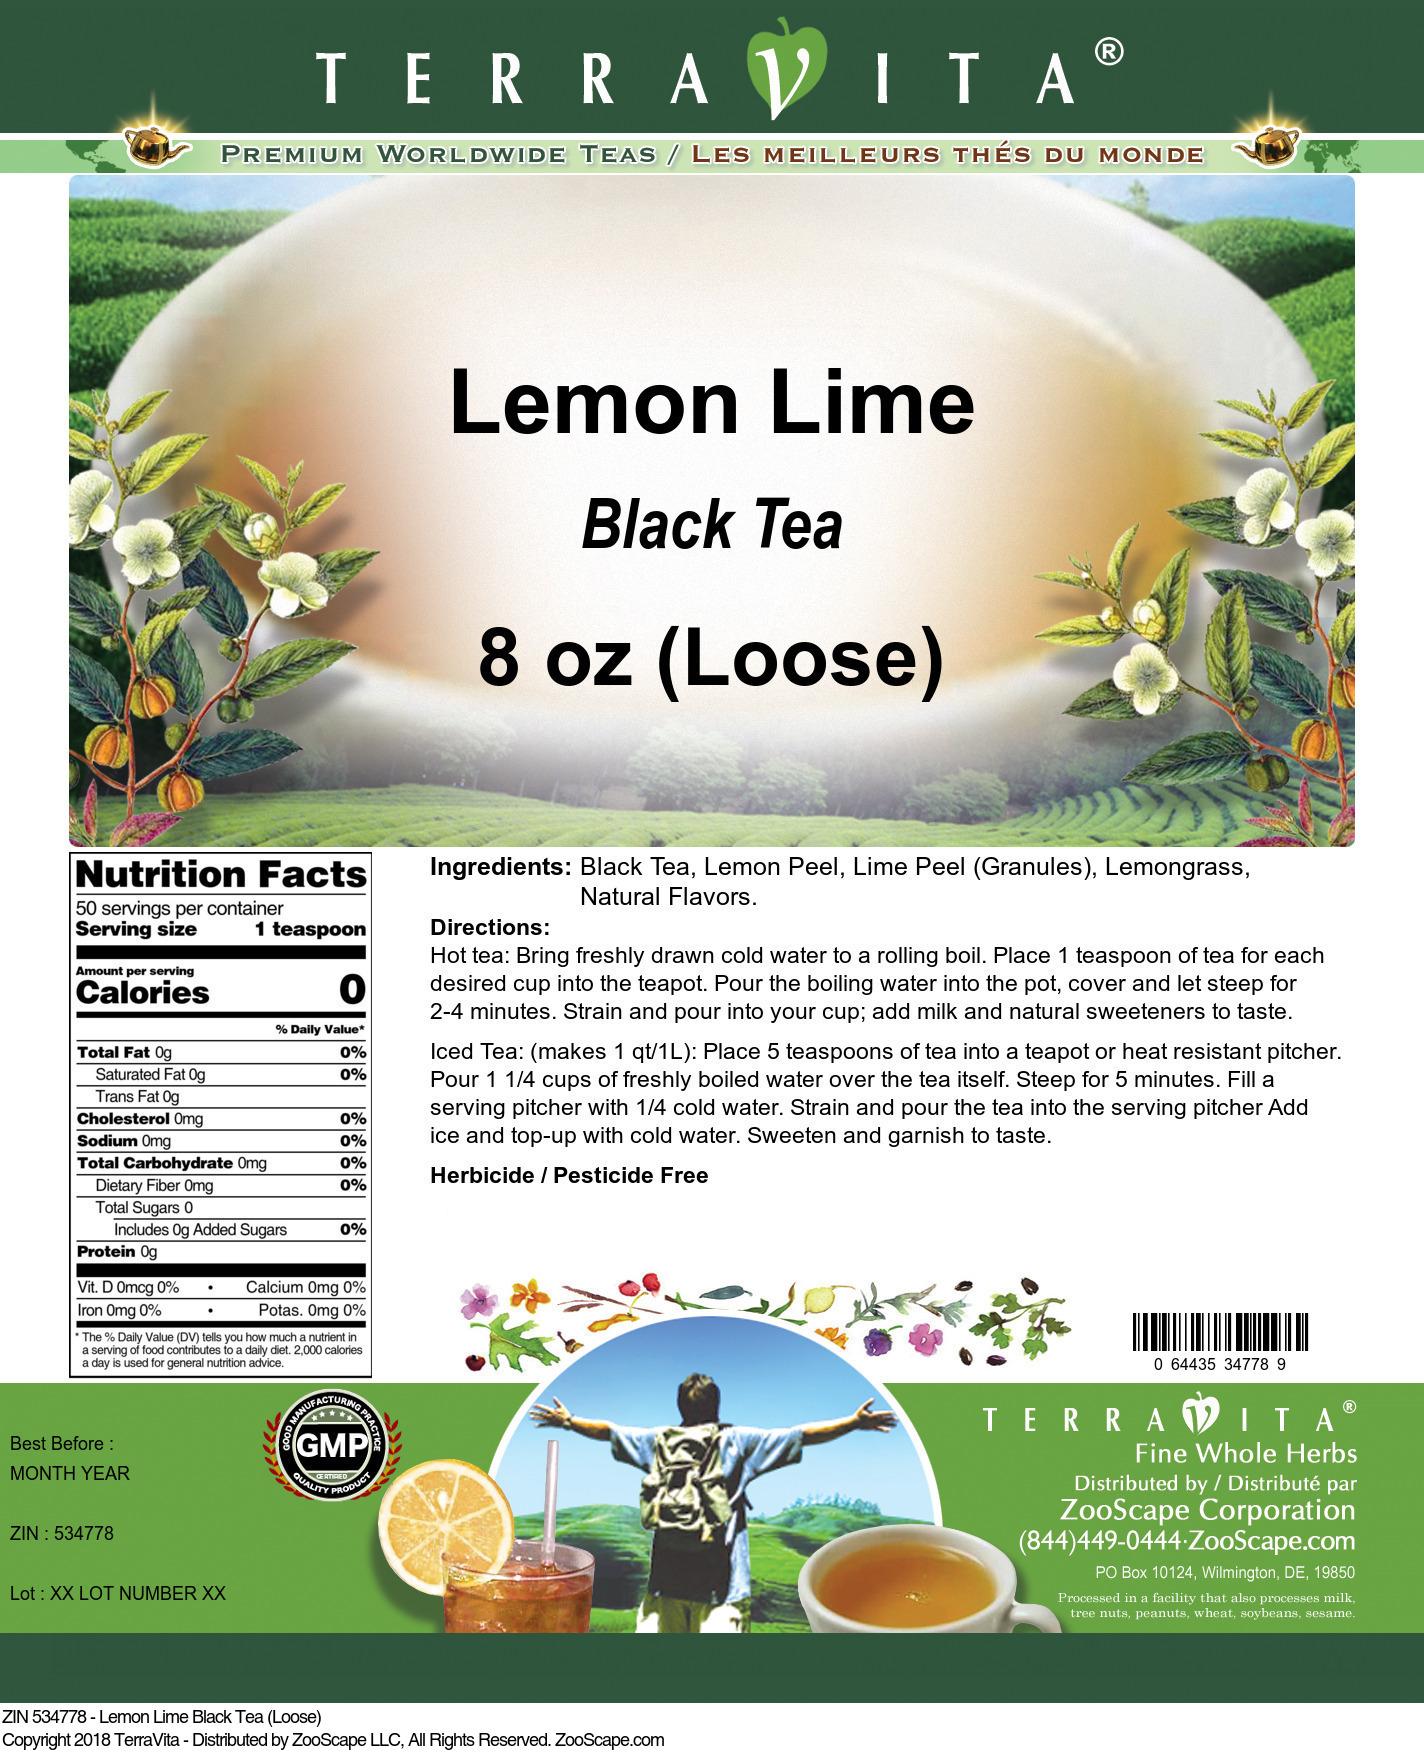 Lemon Lime Black Tea (Loose)